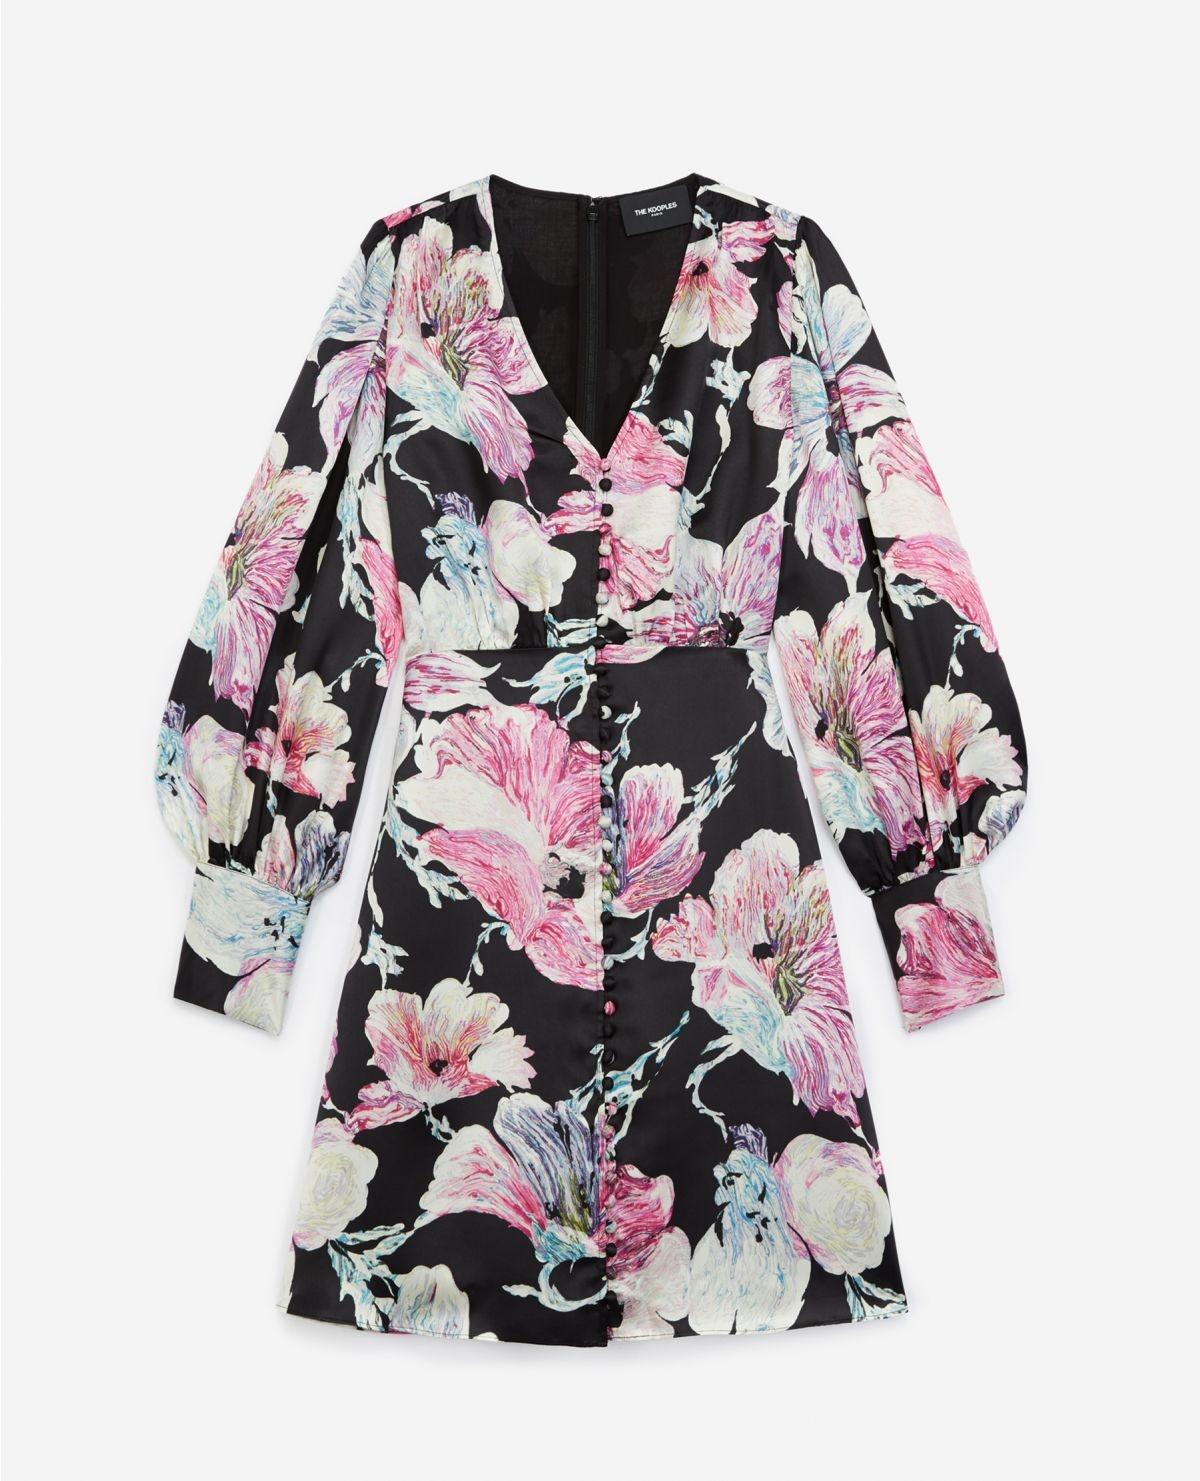 THE KOOPLES robe courte noire imprimé fleuri-1